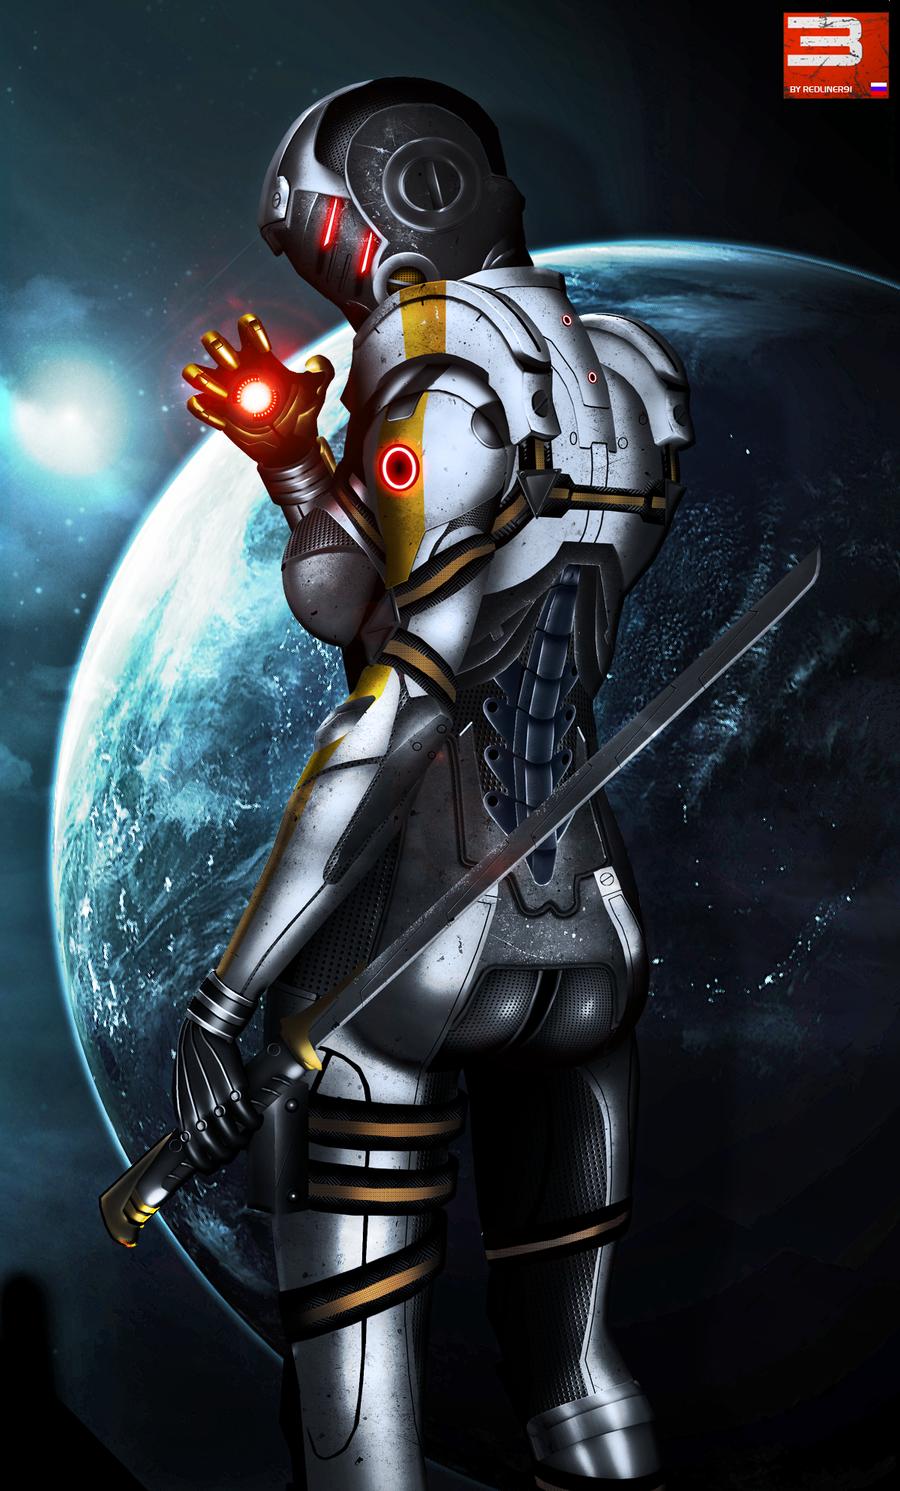 Mass Effect 3 Cerberus Phantom (2012) by RedLineR91